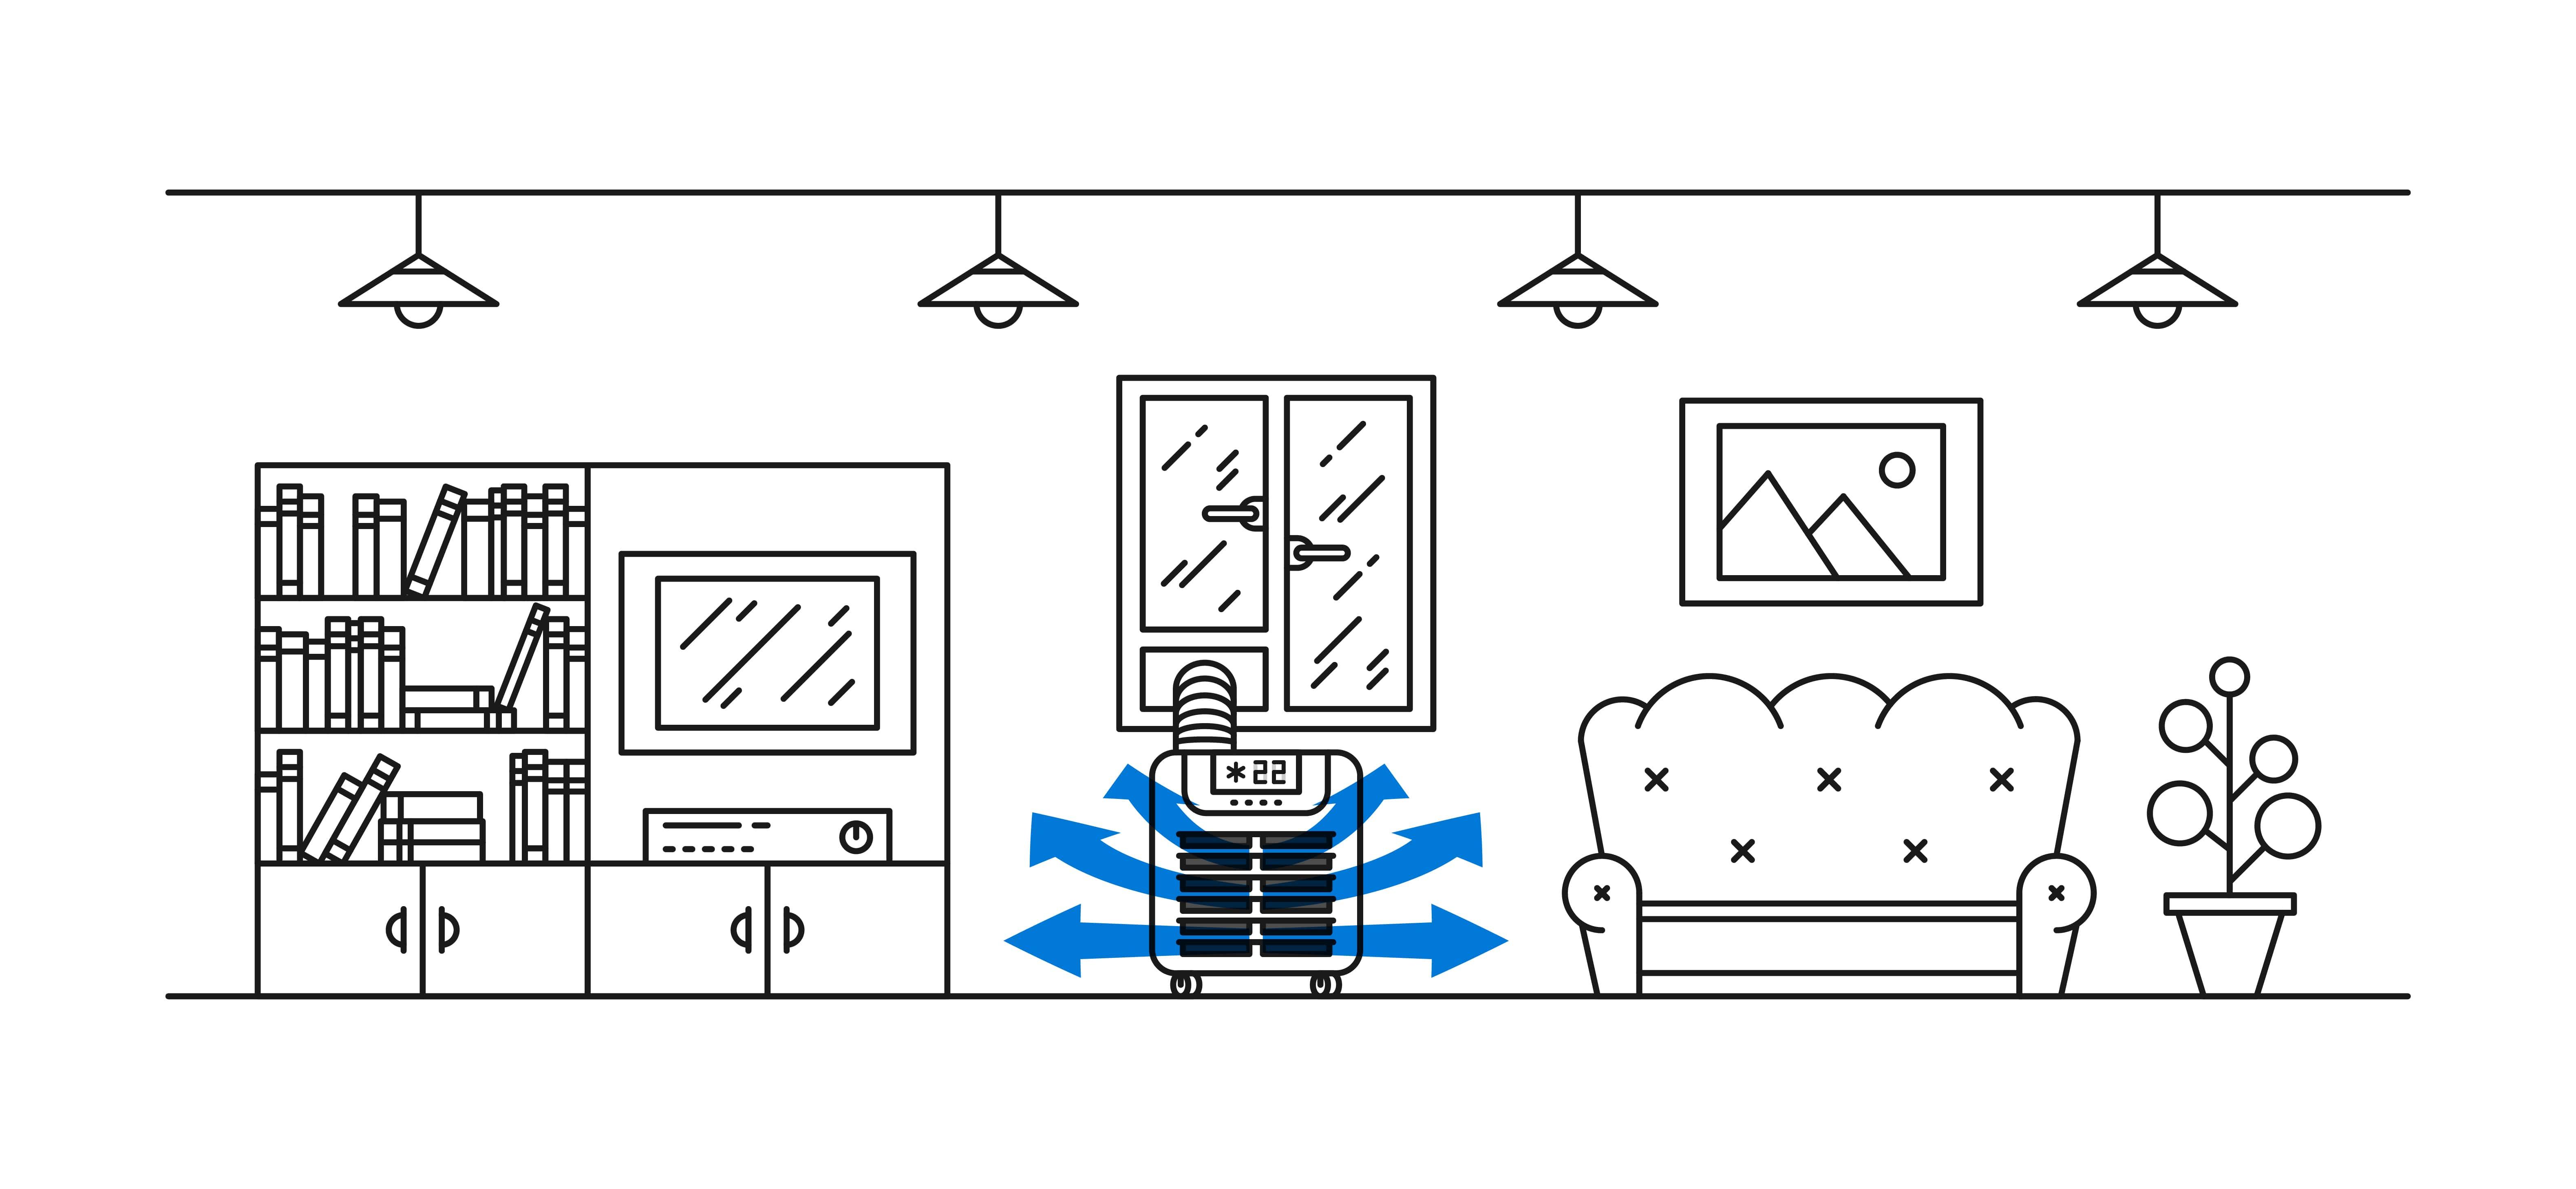 Schema di funzionamento del condizionatore portatile